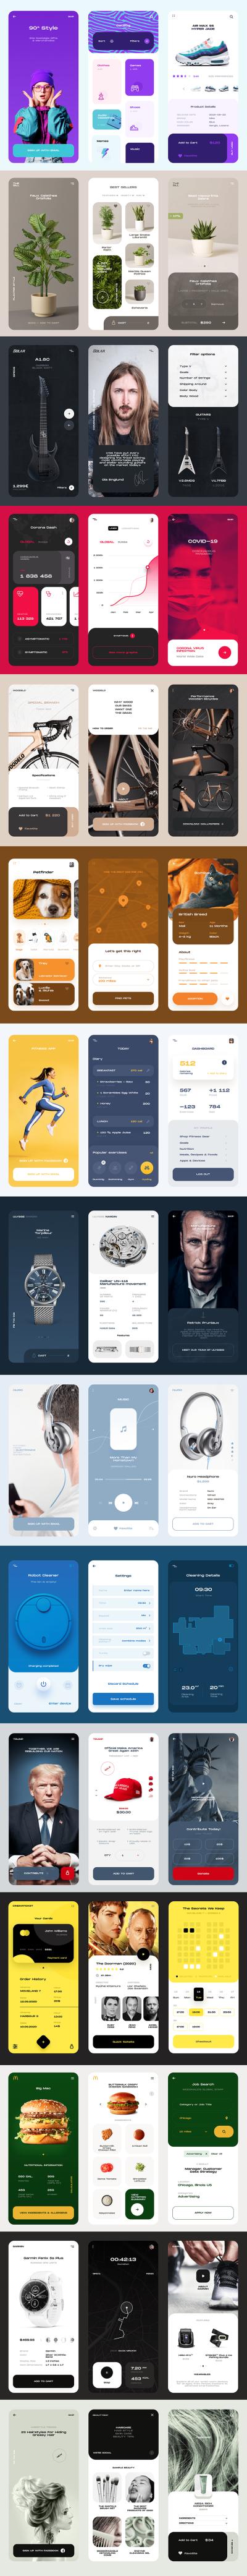 Multipurpose App UI KIt